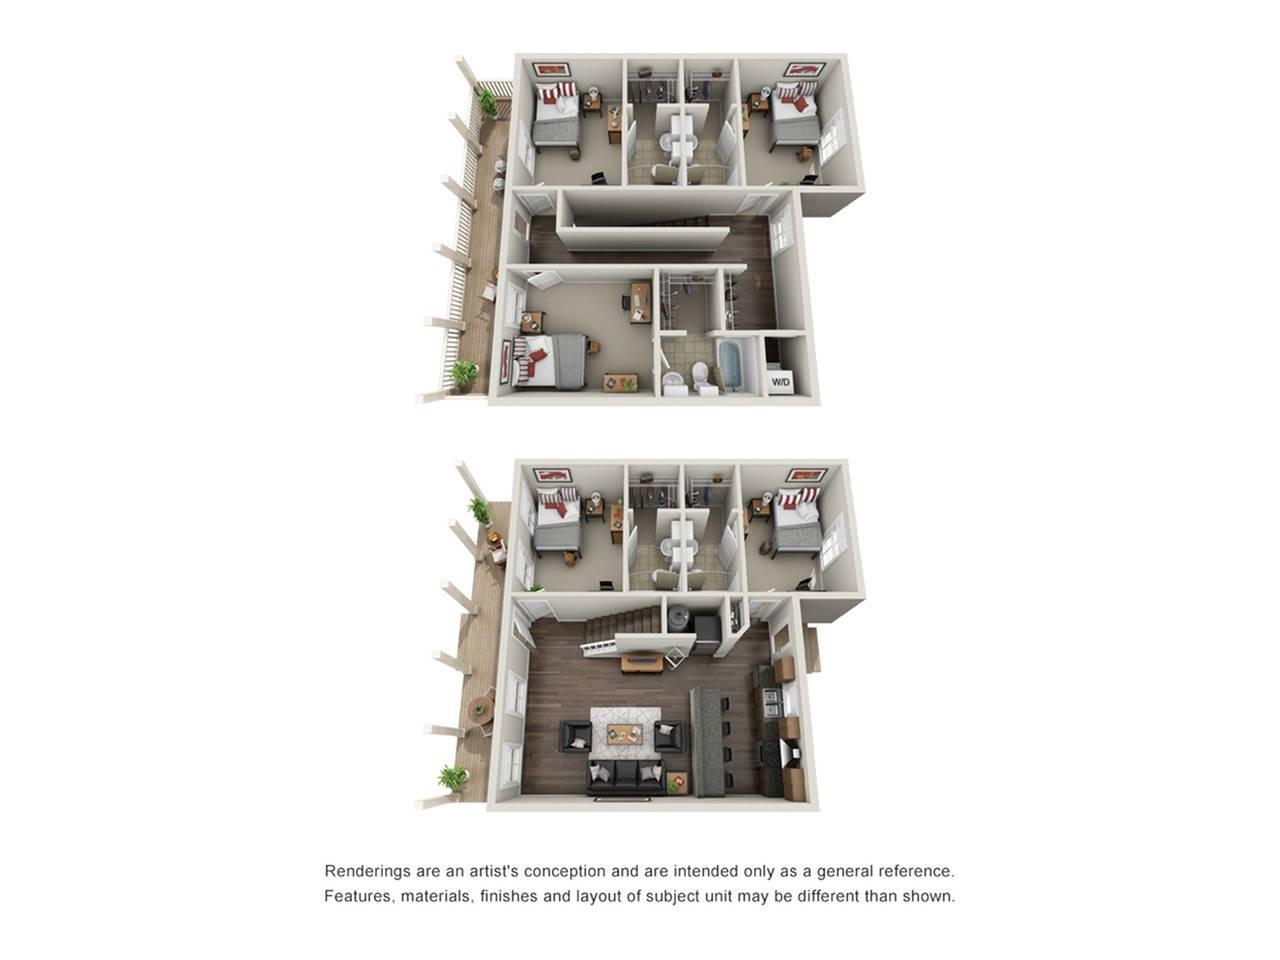 5x5 Cottage Furnished